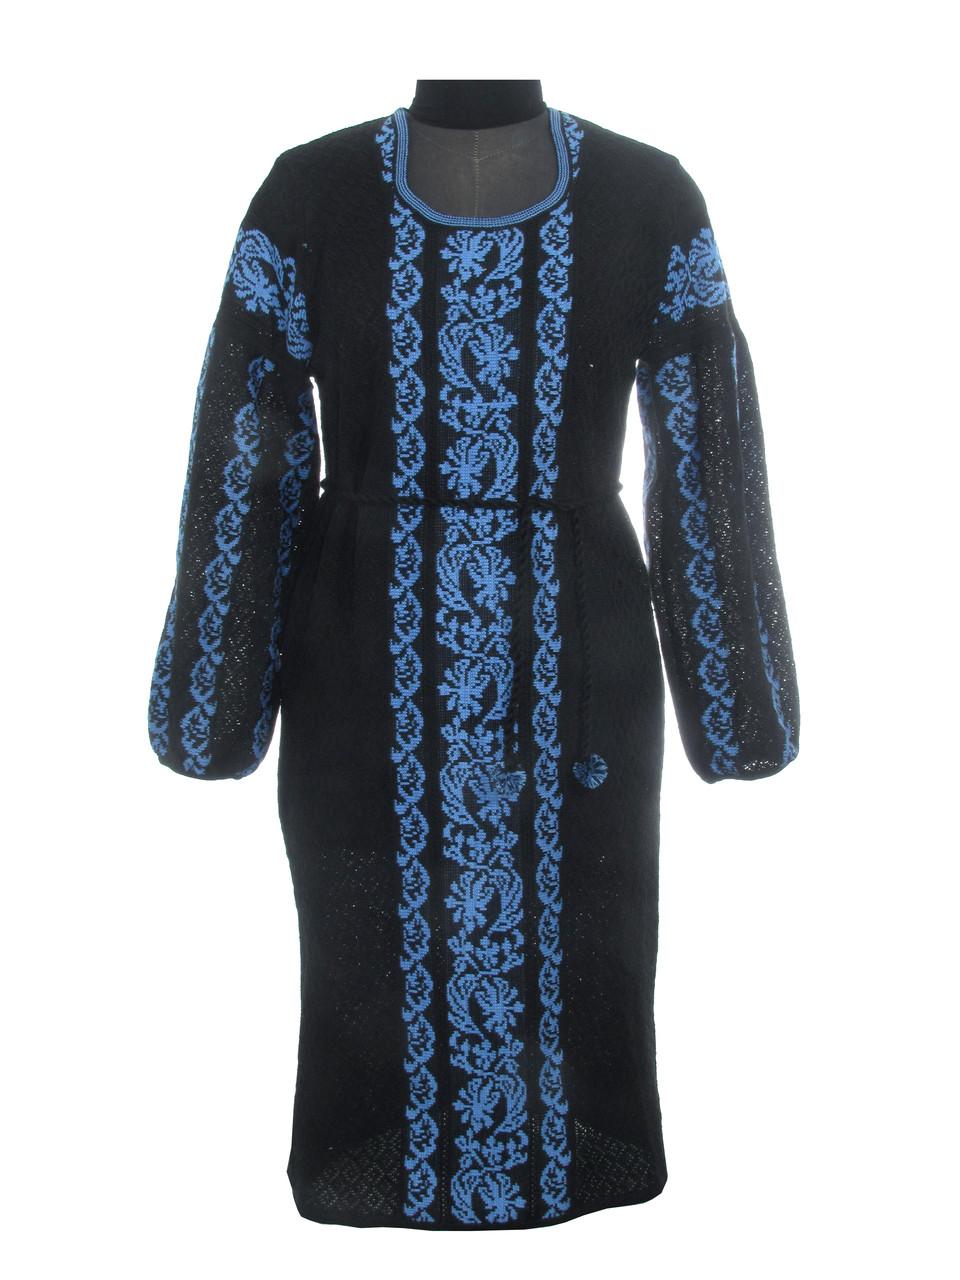 Плаття жіноче в язане Львів янка синя (чорне х б)  продажа 7f33cb6bb7bd8